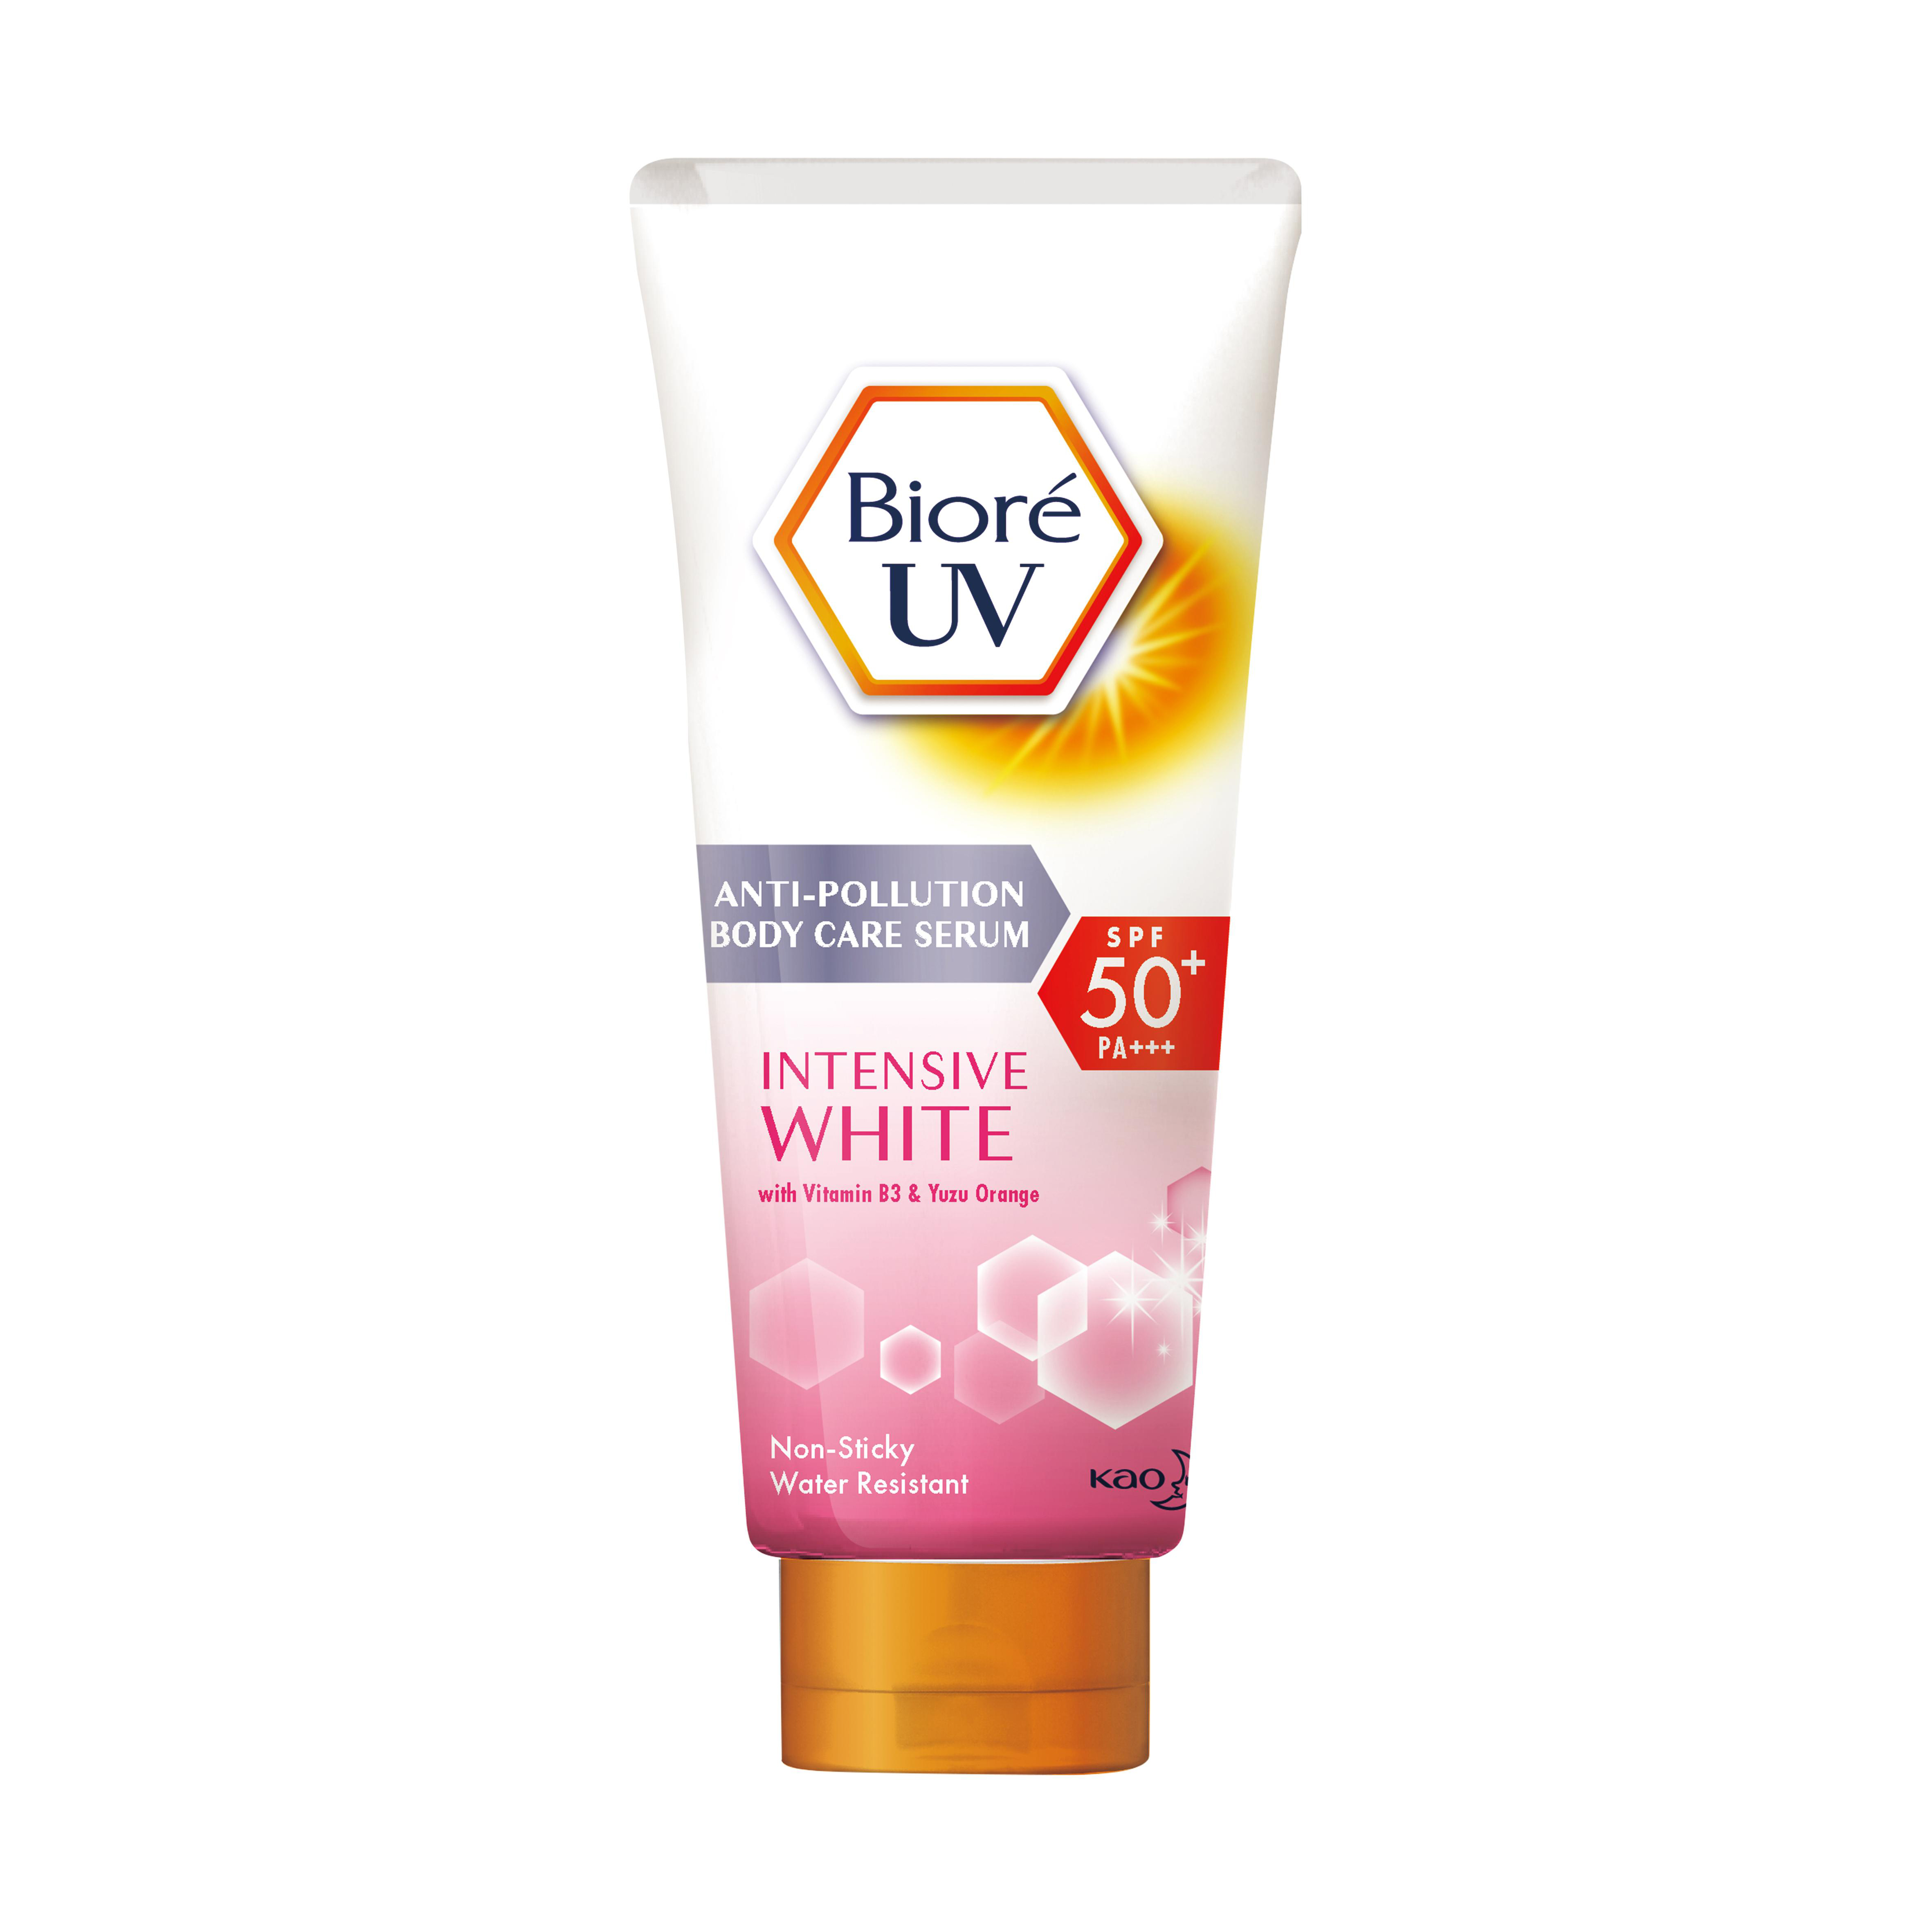 Biore UV Anti-Pollution Body Care Serum Intensive White (50ml)